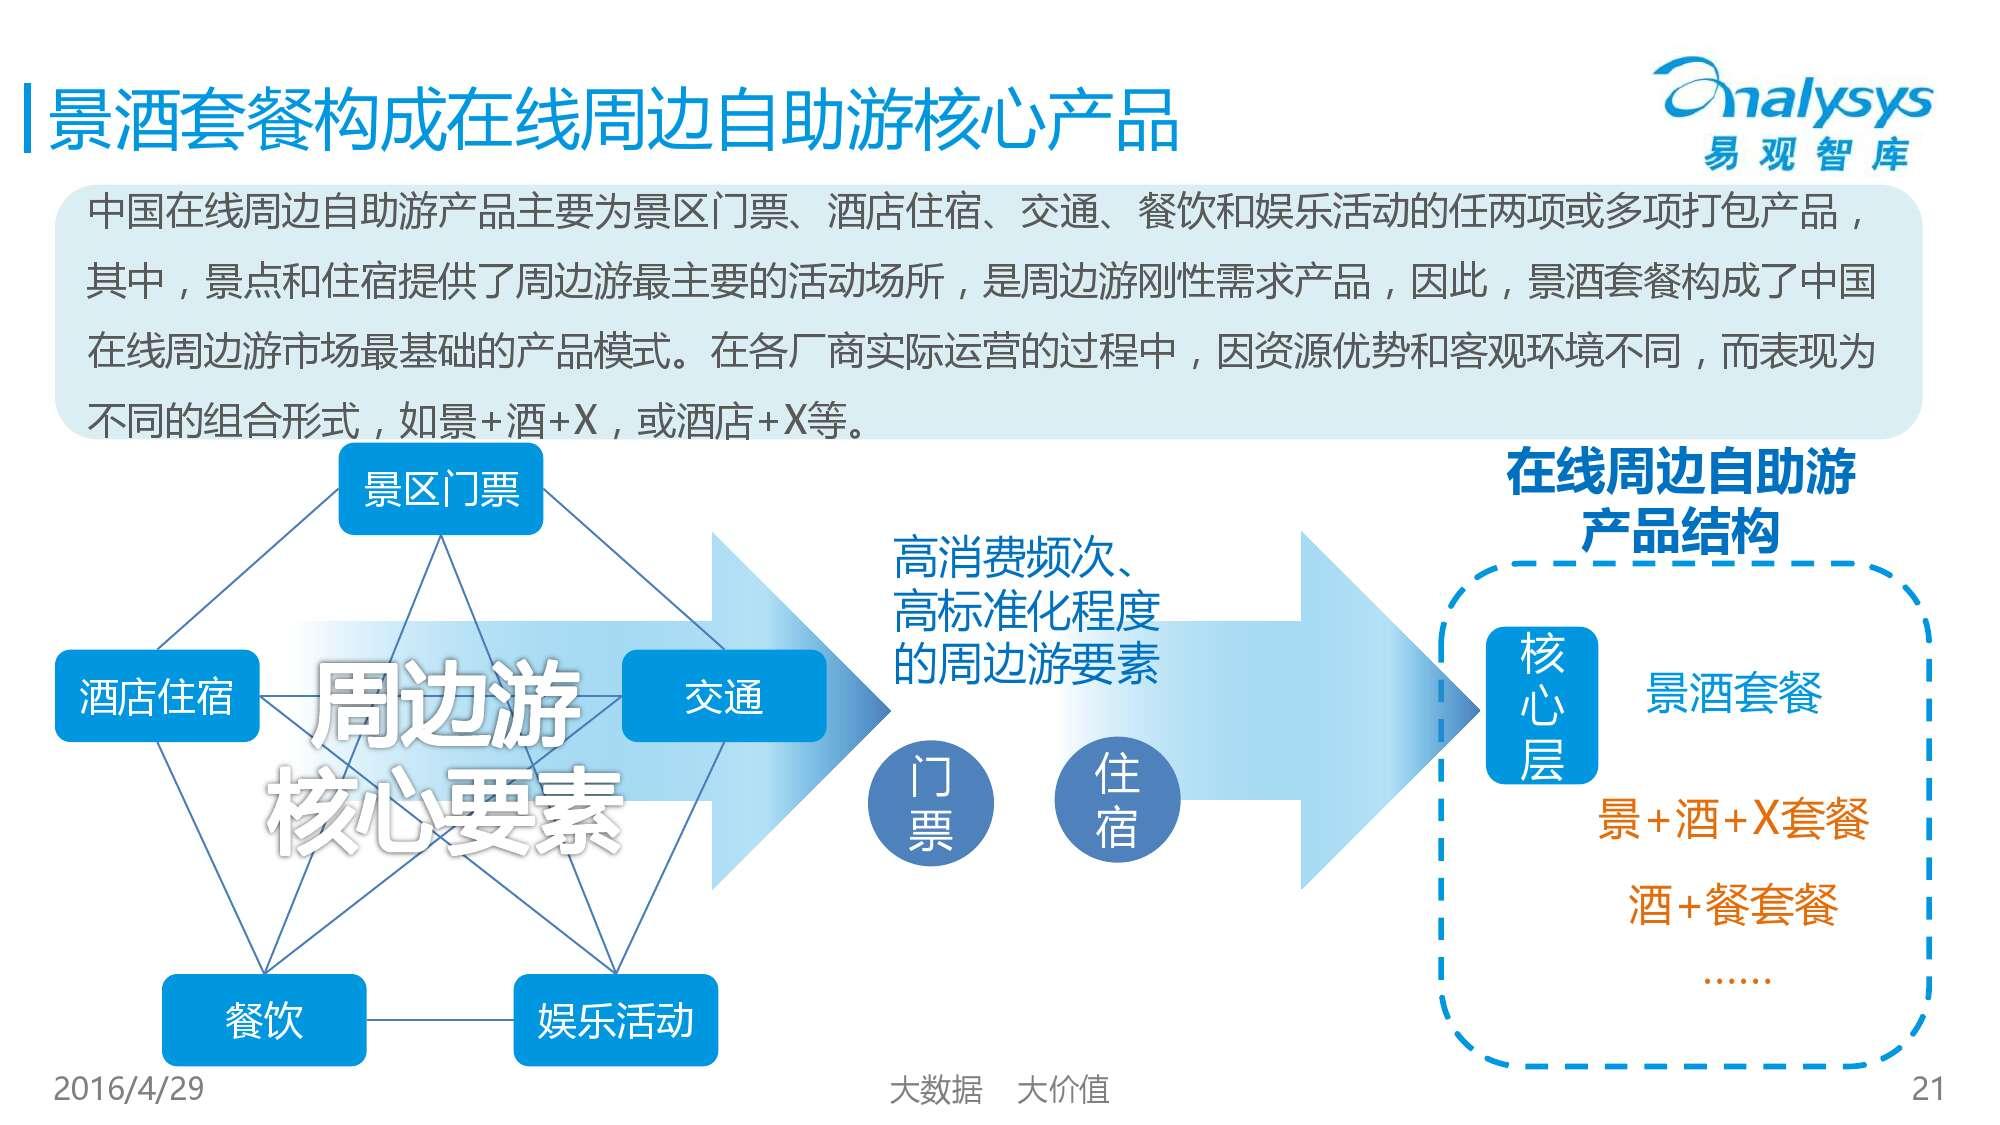 中国在线周边自助游市场专题研究报告2016_000021